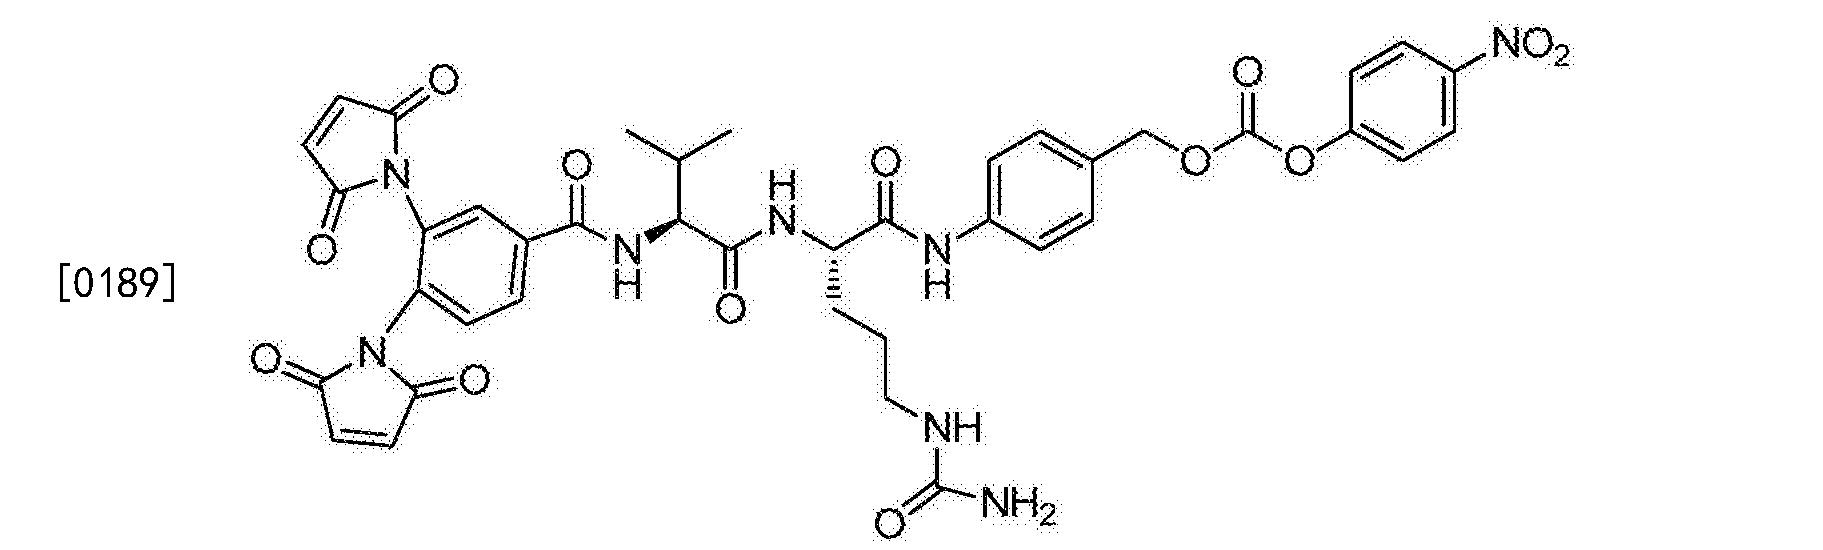 Figure CN103933575BD00271